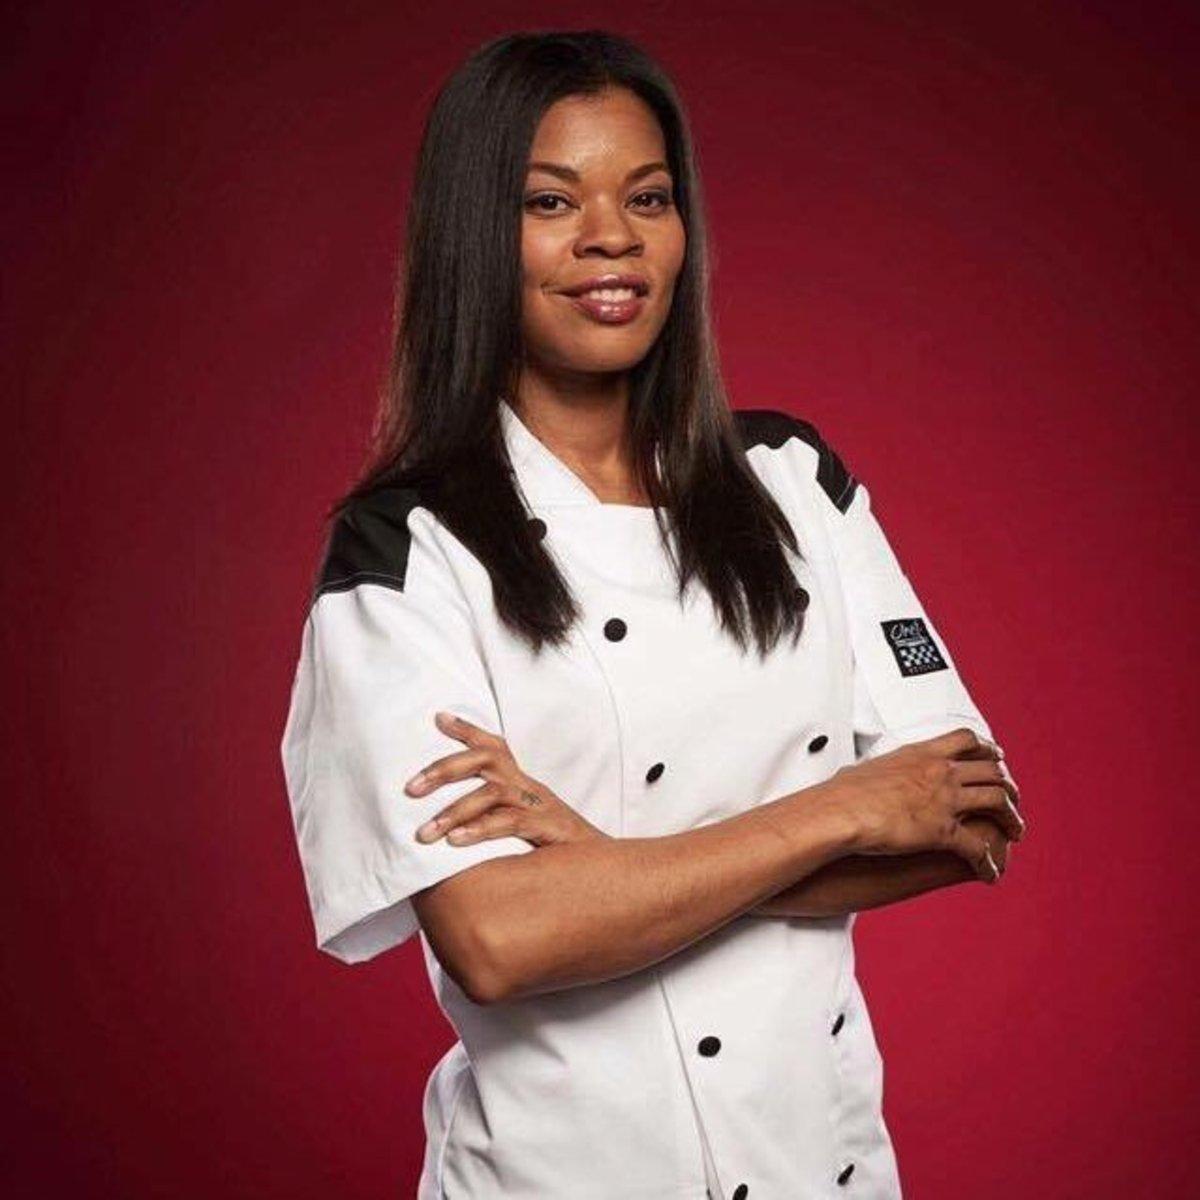 5 Hell S Kitchen Chefs We Love To Hate Reelrundown